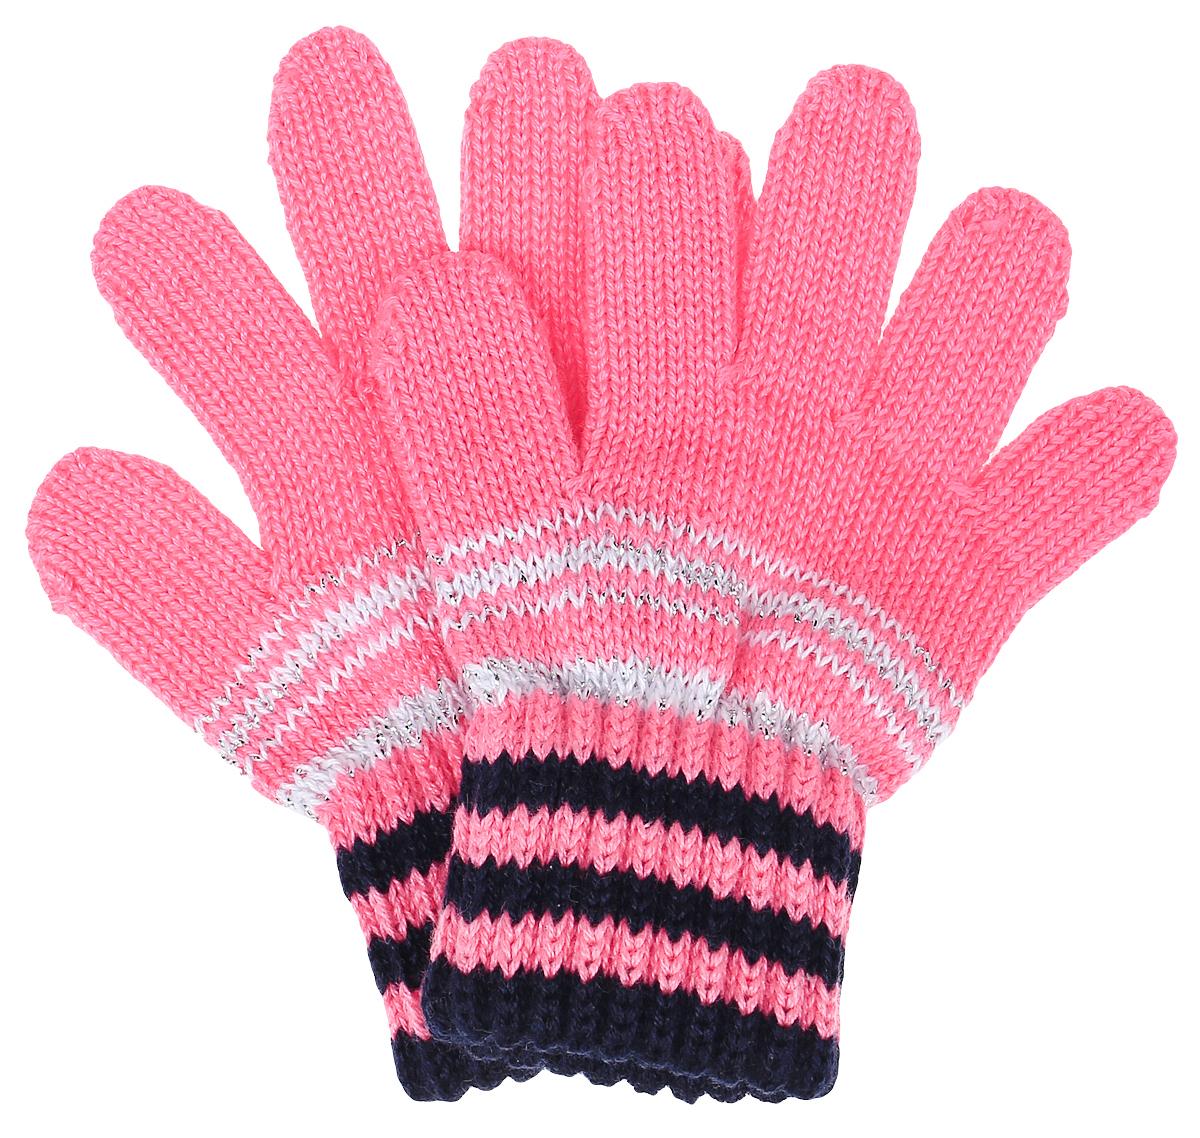 TOLA-22Перчатки для девочки Margot Bis выполнены из акрила и хлопка. Изделие оформлено ярким вязаным рисунком с люрексом. Перчатки очень мягкие и приятные на ощупь, не раздражают кожу и хорошо сохраняют тепло. Верх модели на мягкой резинке, которая не стягивает запястья и надежно фиксирует перчатки на руках.